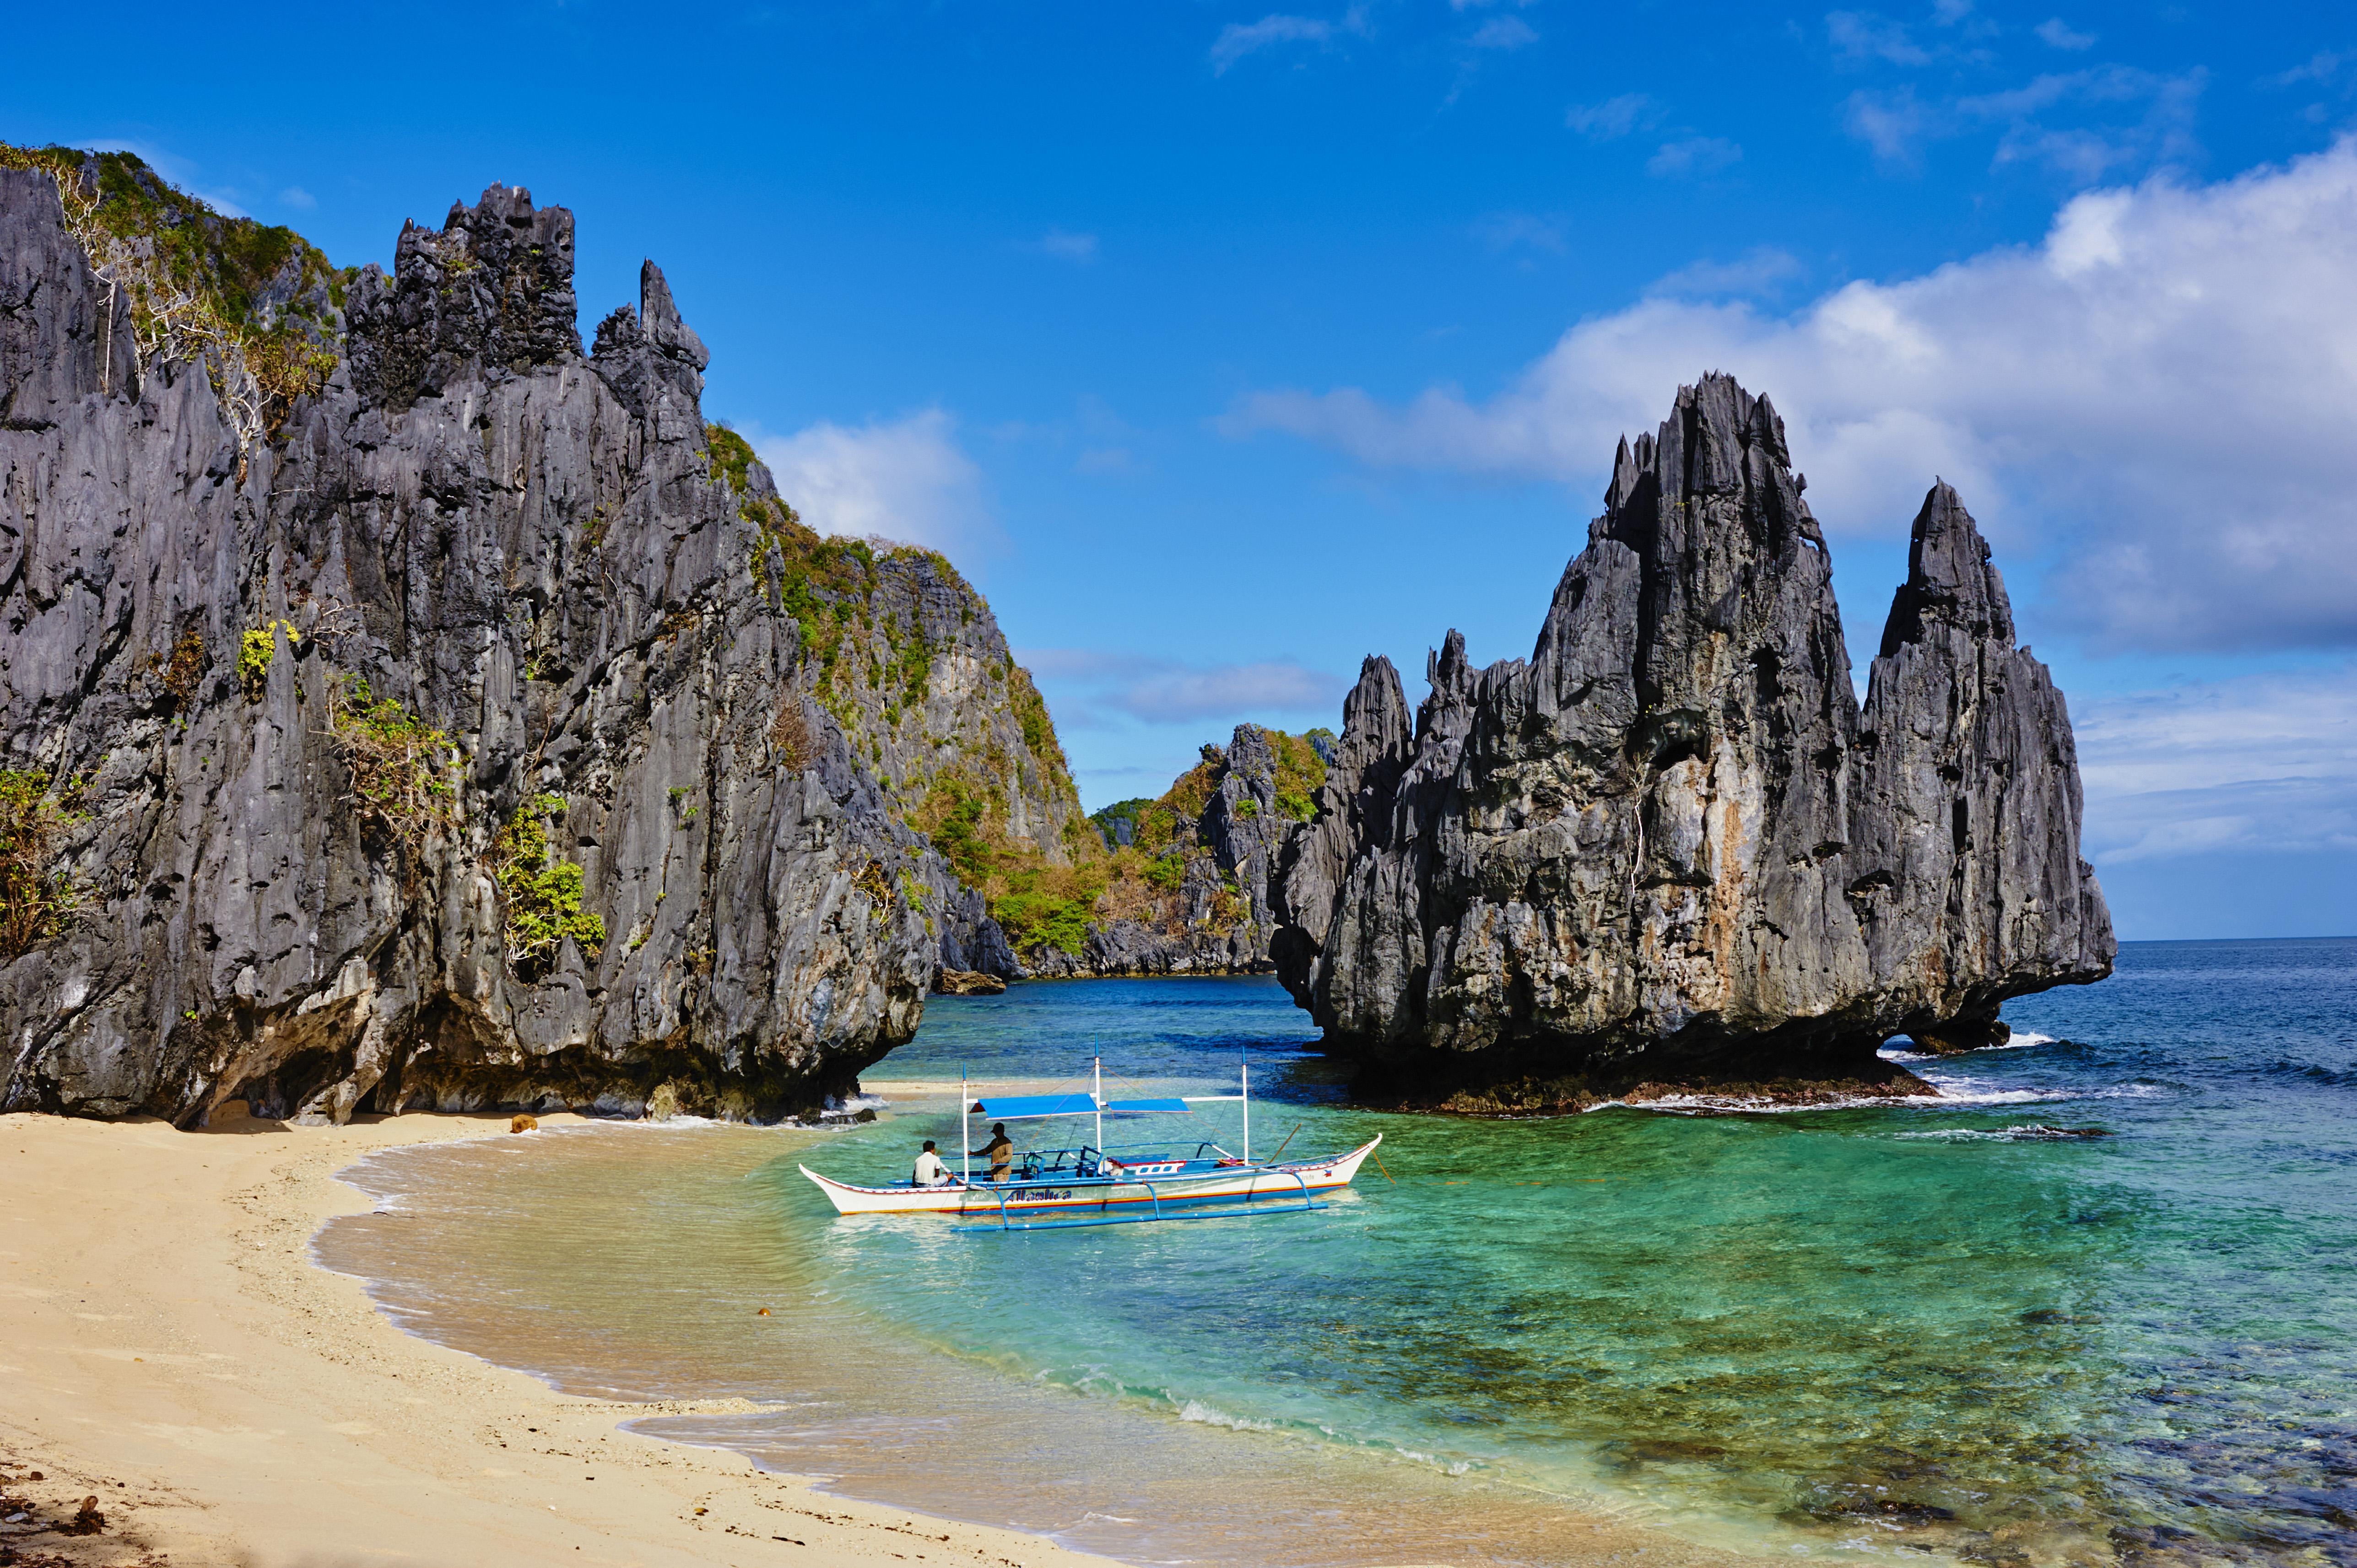 Philippines, Palawan, El Nido